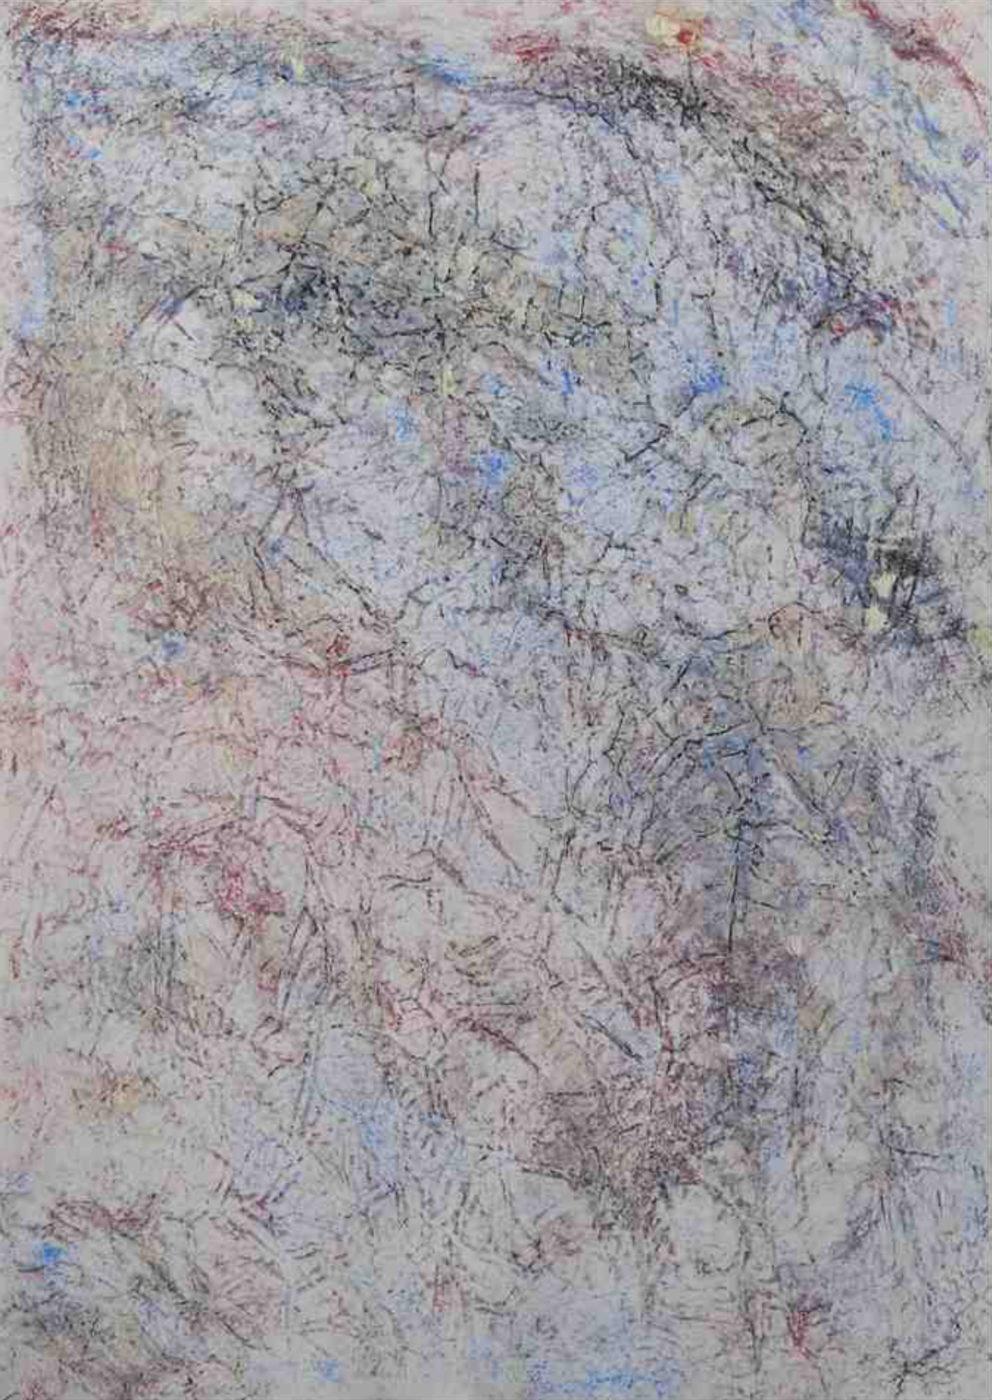 MARC FELD 2010 CARTOMANCIE 2 Huile et pigment sur papier 44 x 63 cm